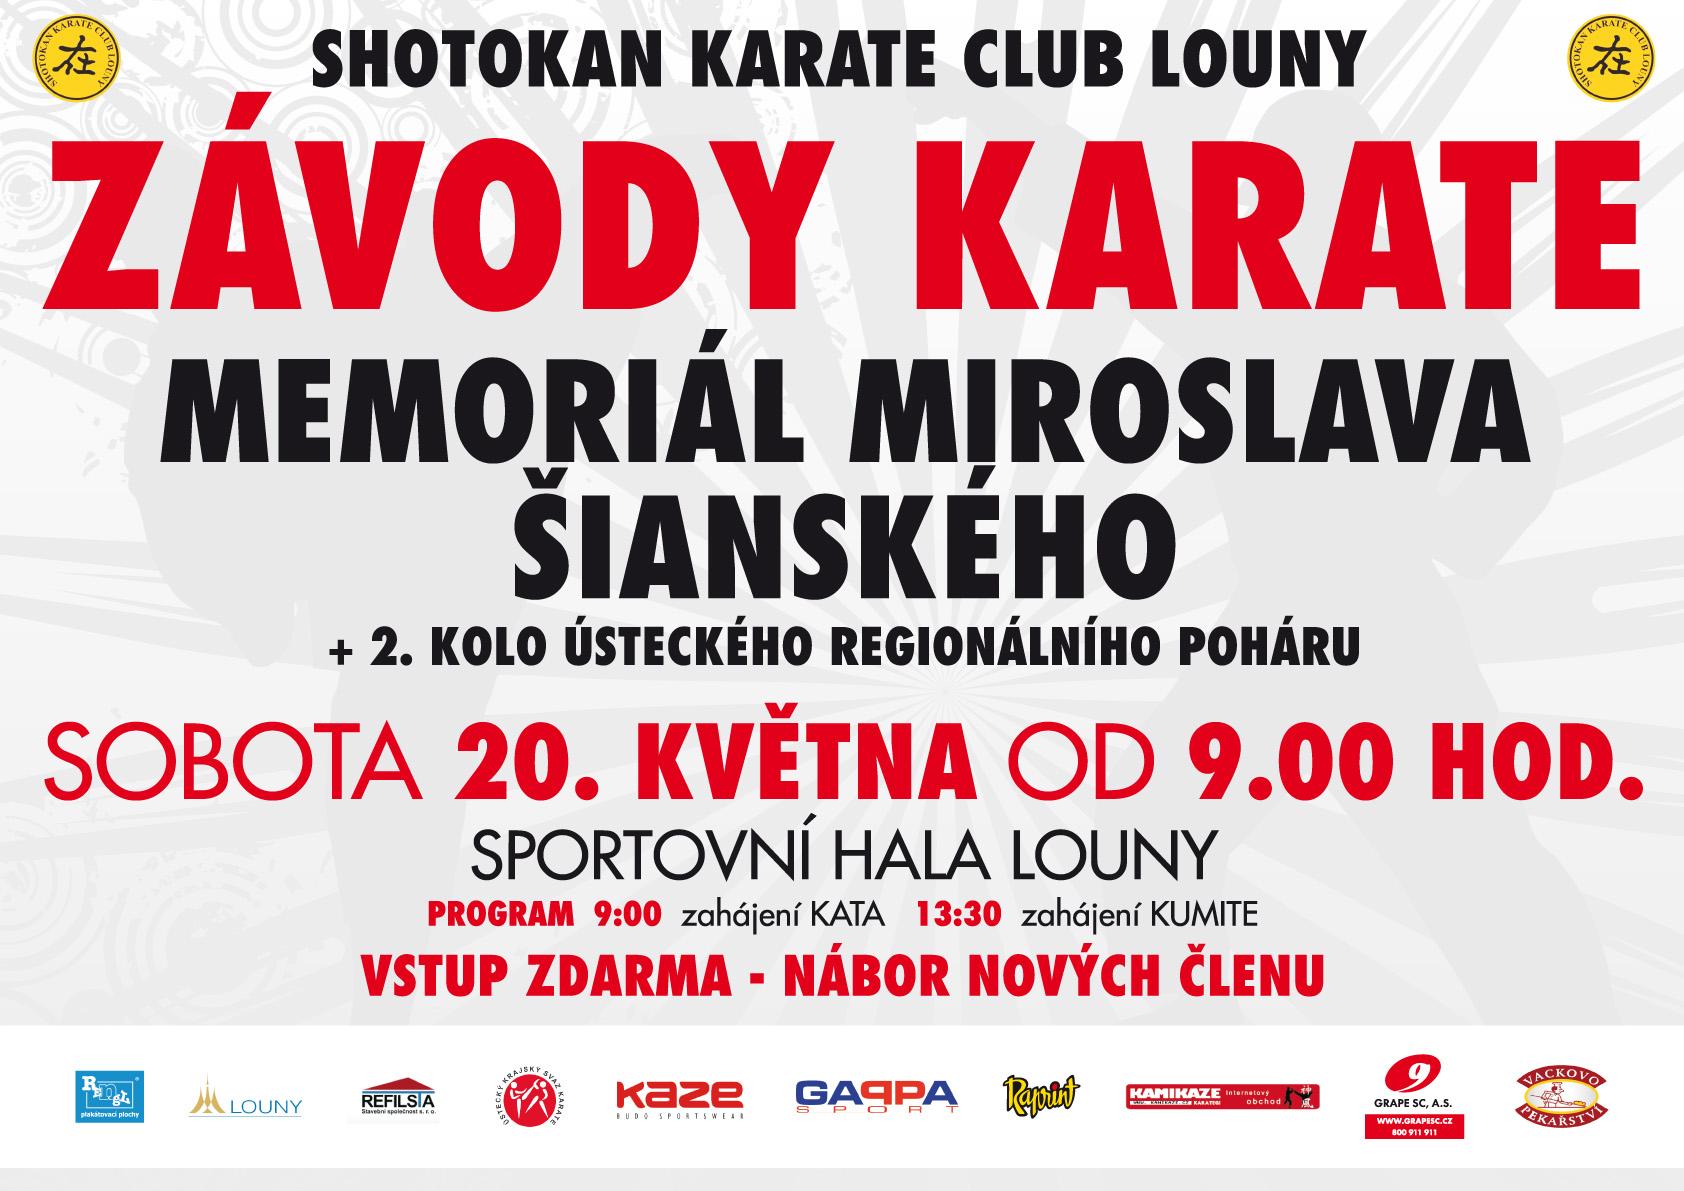 plakat_zavody